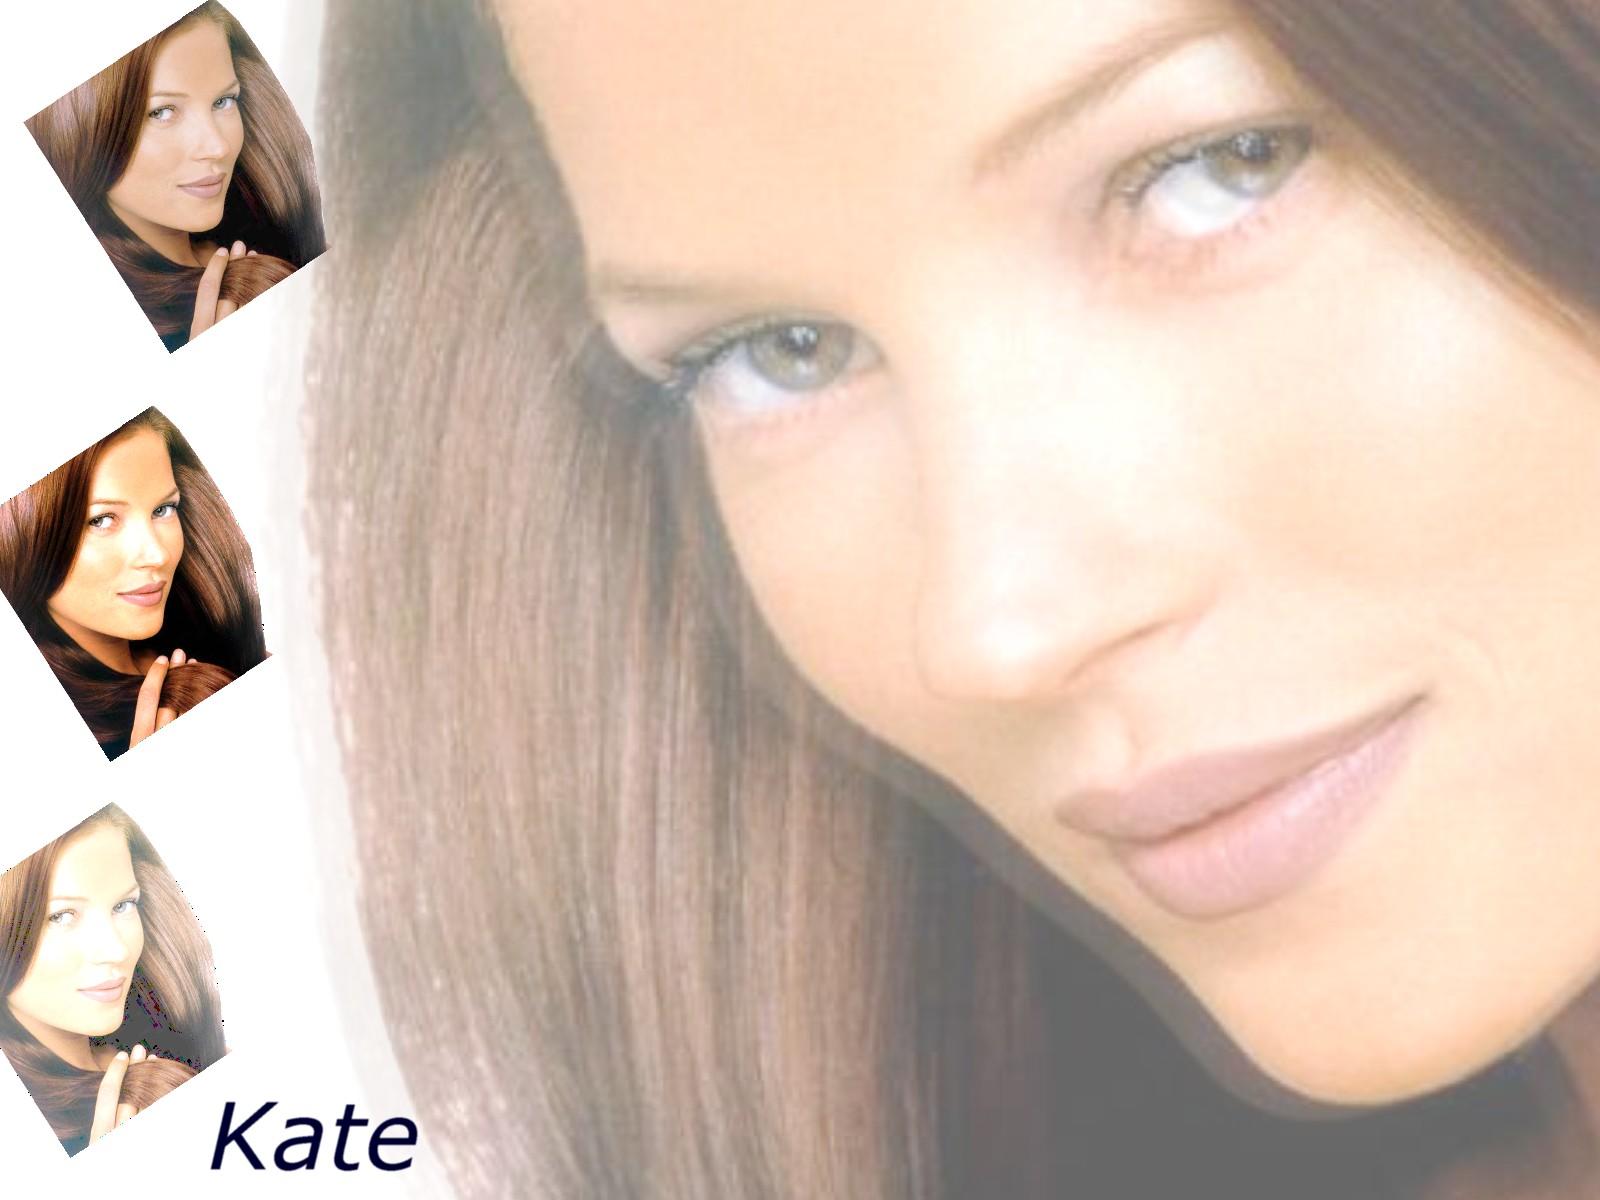 http://3.bp.blogspot.com/_zHx02JB4GE0/TQ0Tb5GSNBI/AAAAAAAAARE/PK0LKyKMaMY/s1600/Kate+Moss+Wallpaper+%25284%2529.jpg